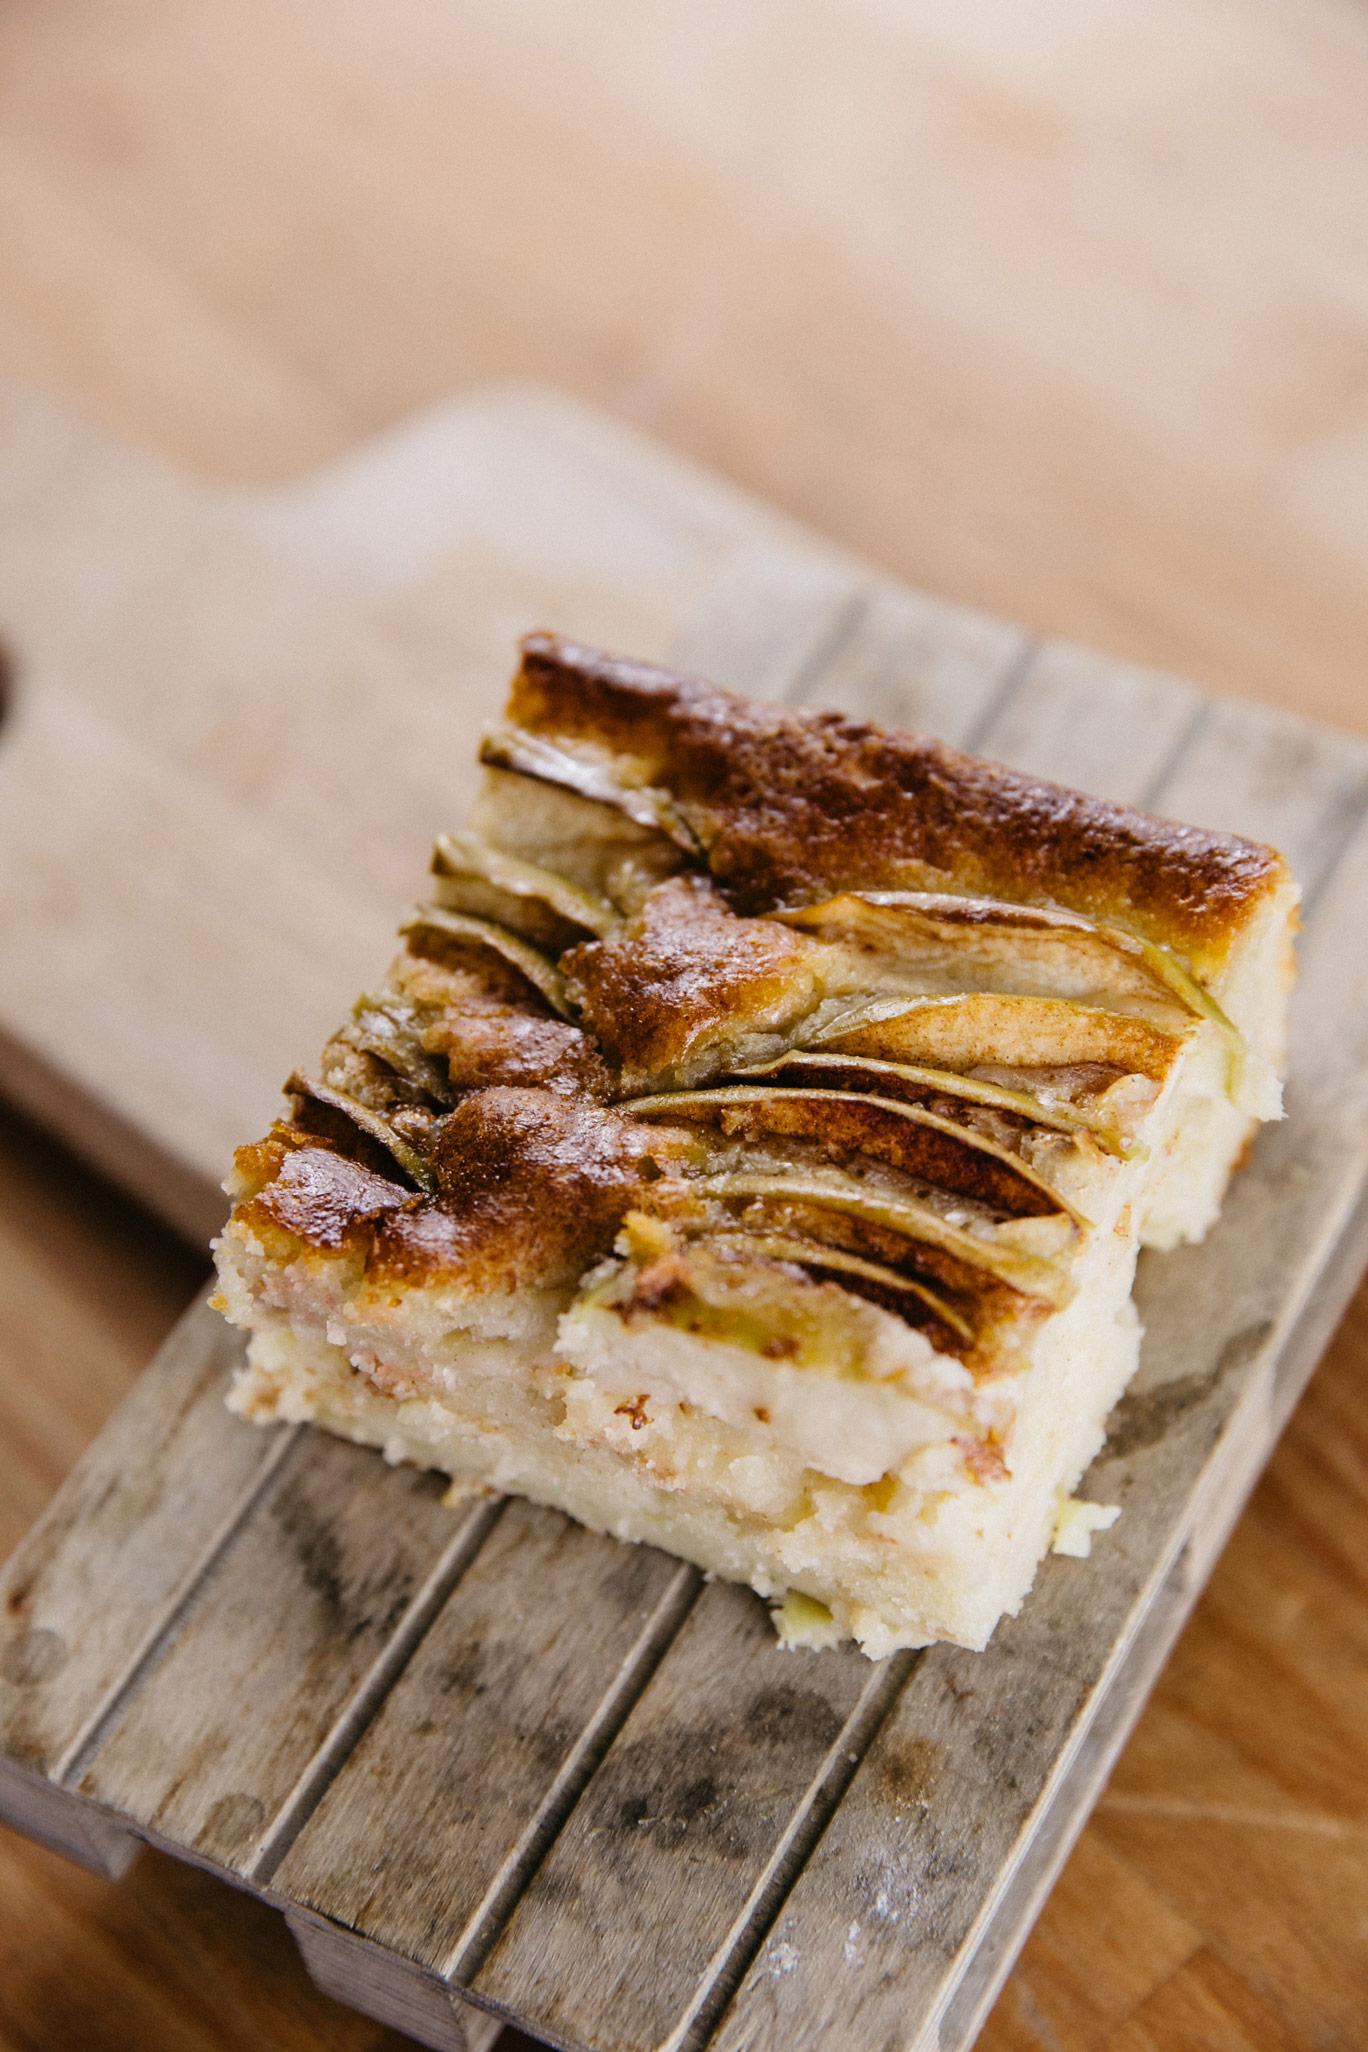 Saftiger Apfel-Walnuss-Kuchen